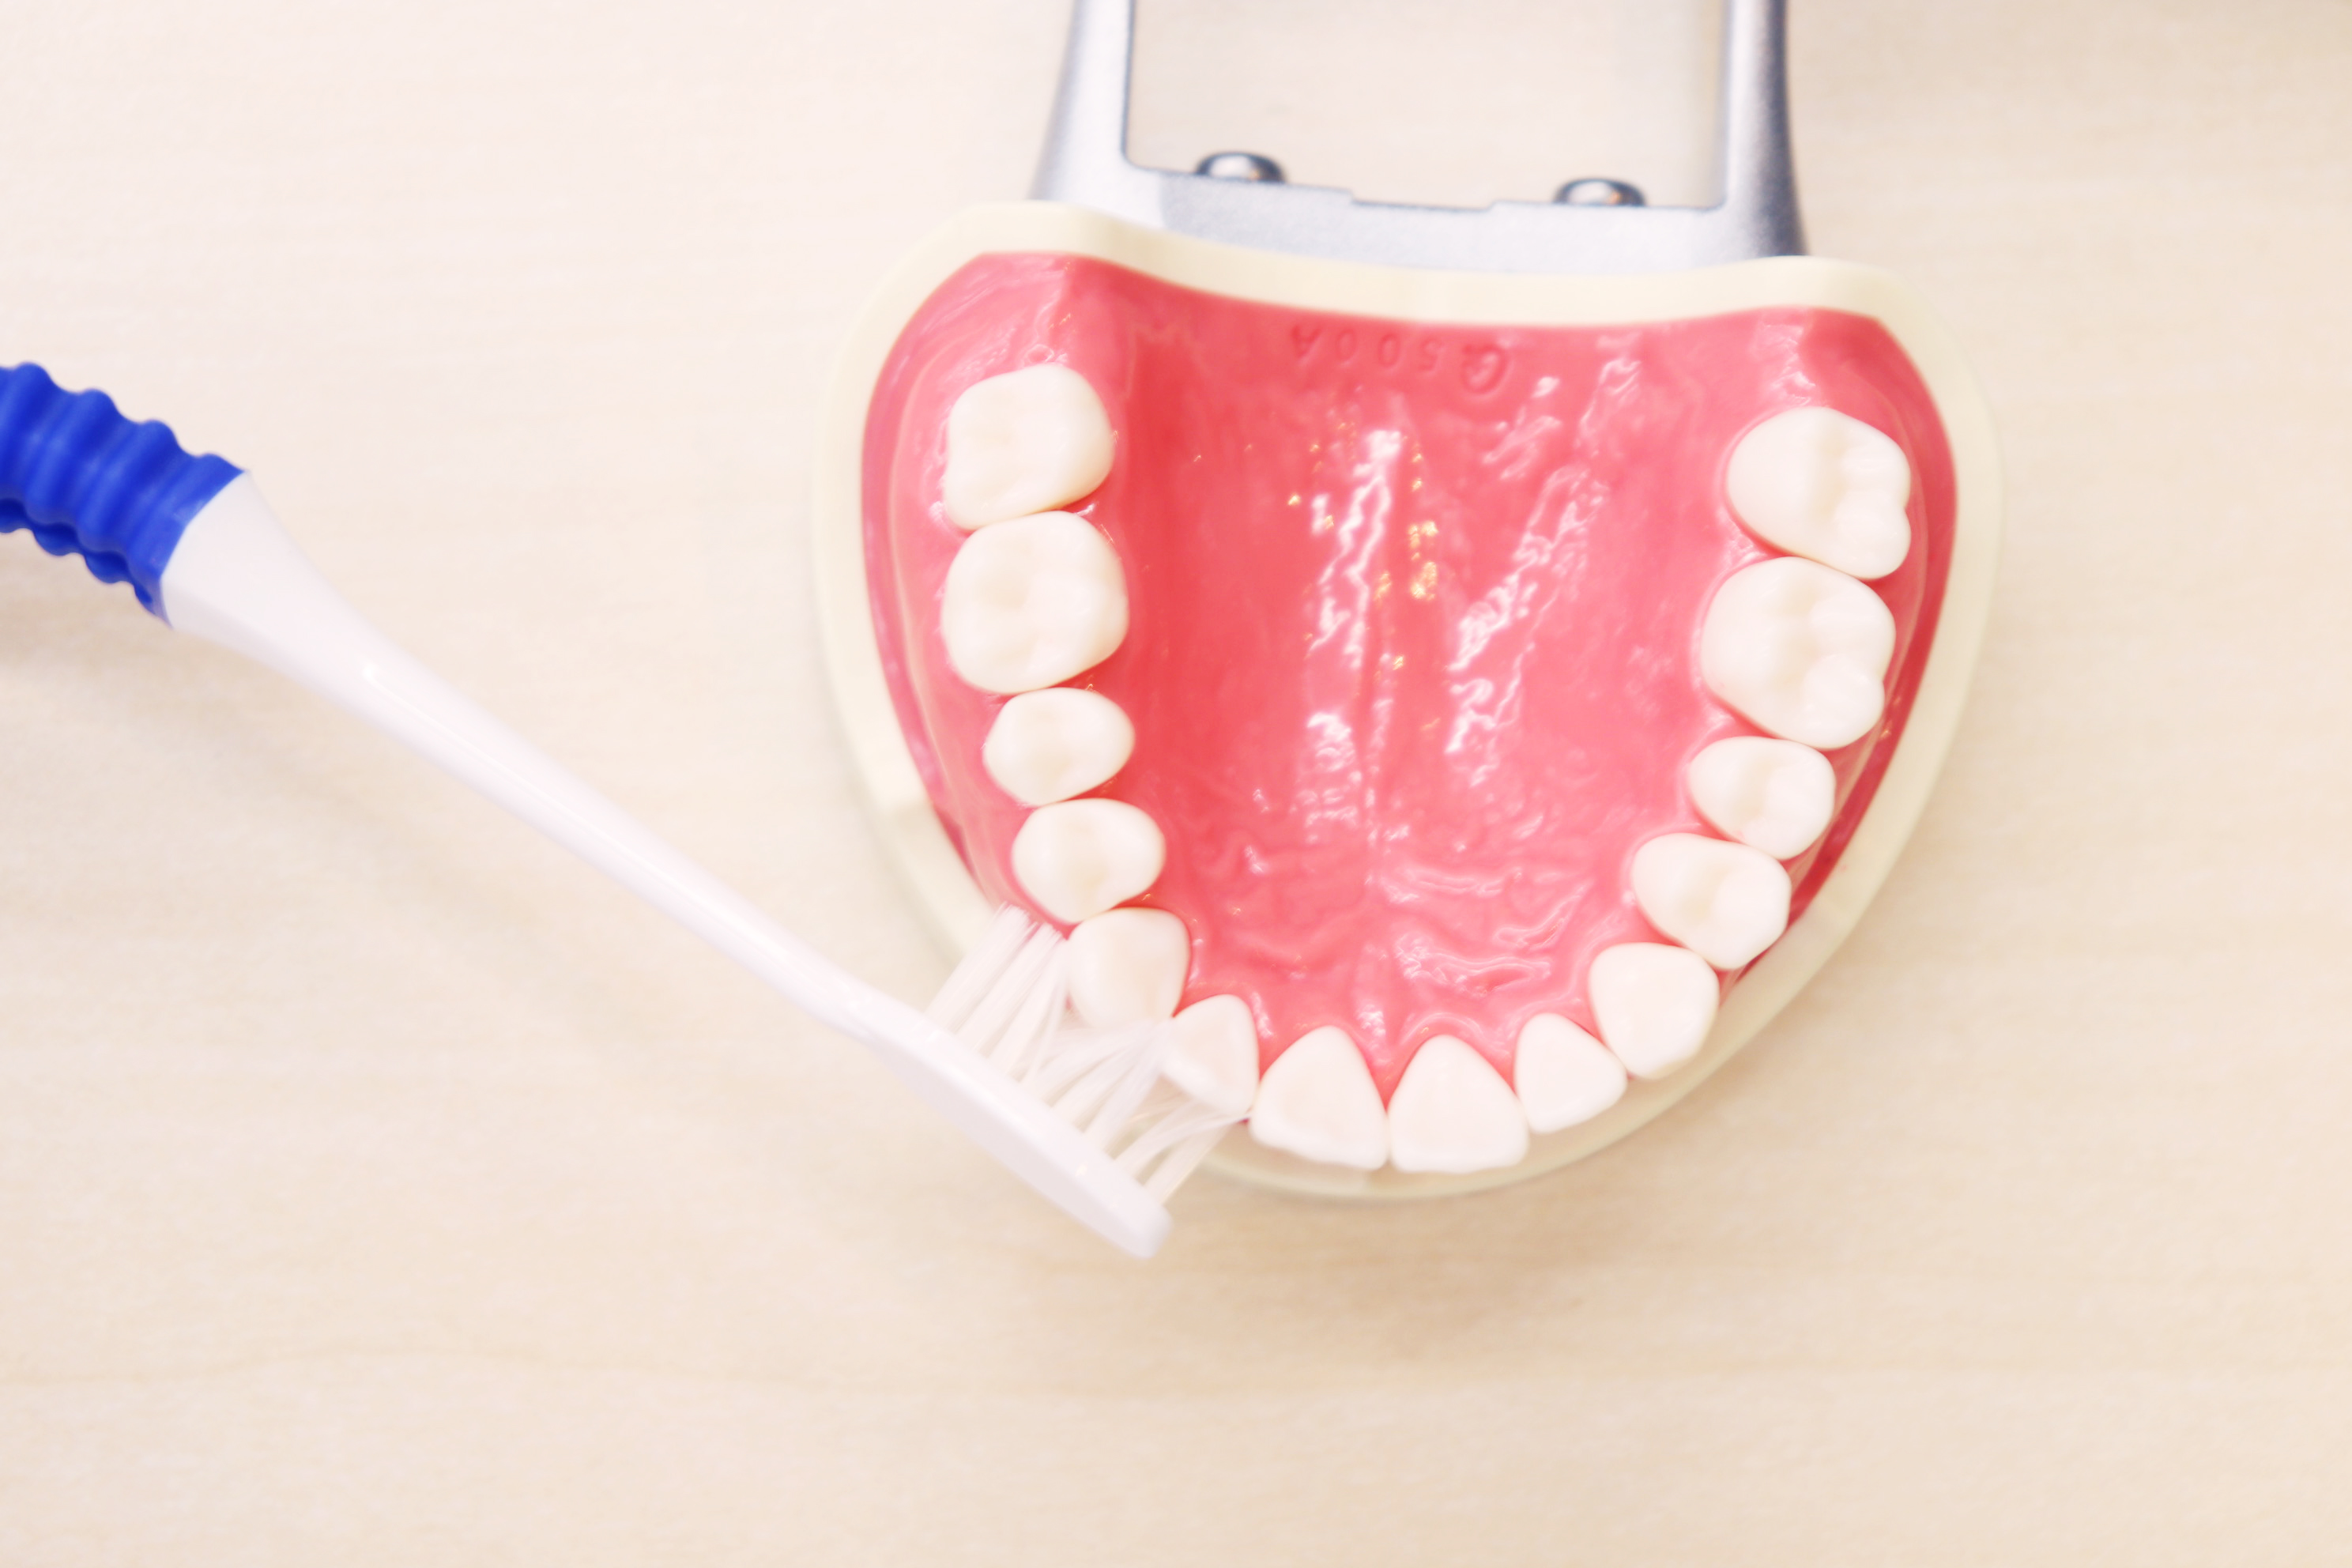 強く磨くと虫歯や知覚過敏の原因にも…【写真:Hint-Pot編集部】